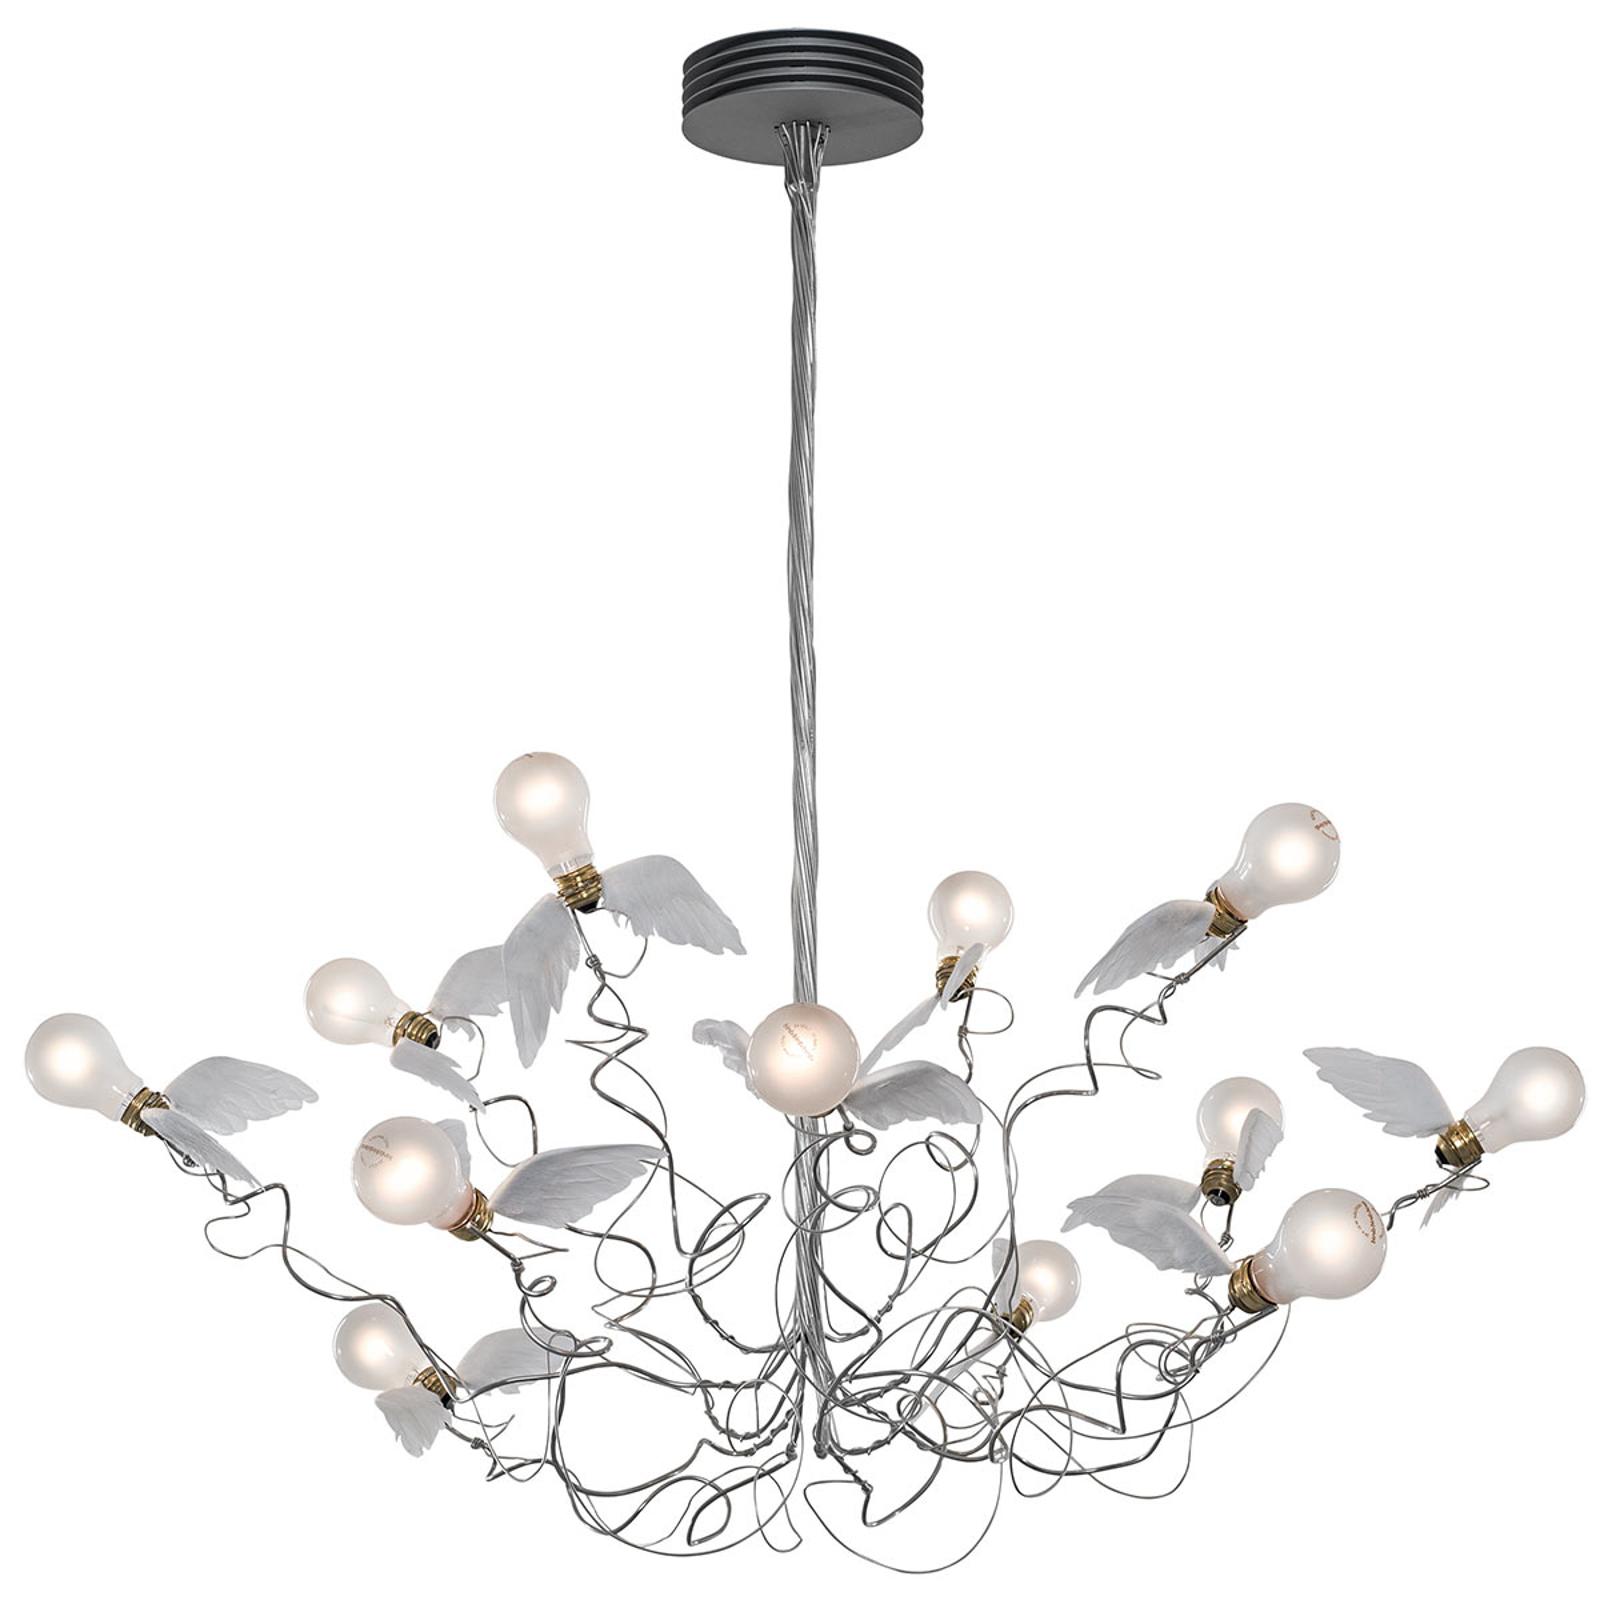 Ingo Maurer Birdie - LED-Hängeleuchte, Kabel klar